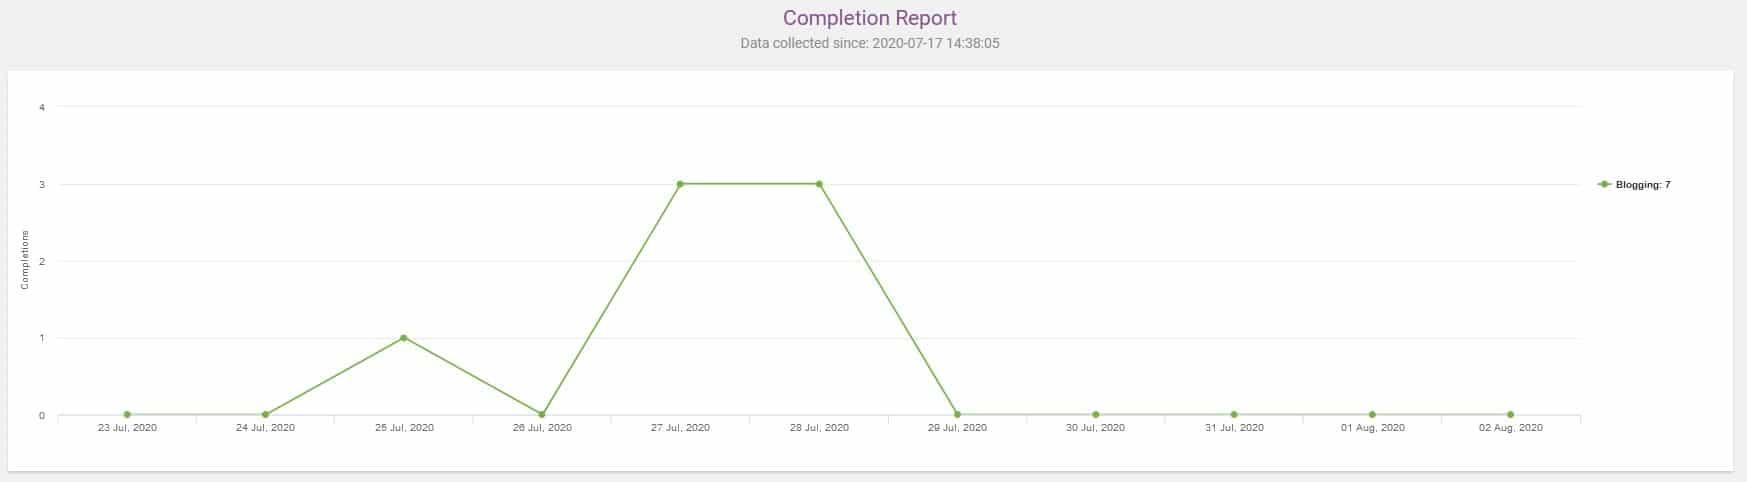 Thrive Quiz Builder - Rapprot Nombre de Quiz complétés